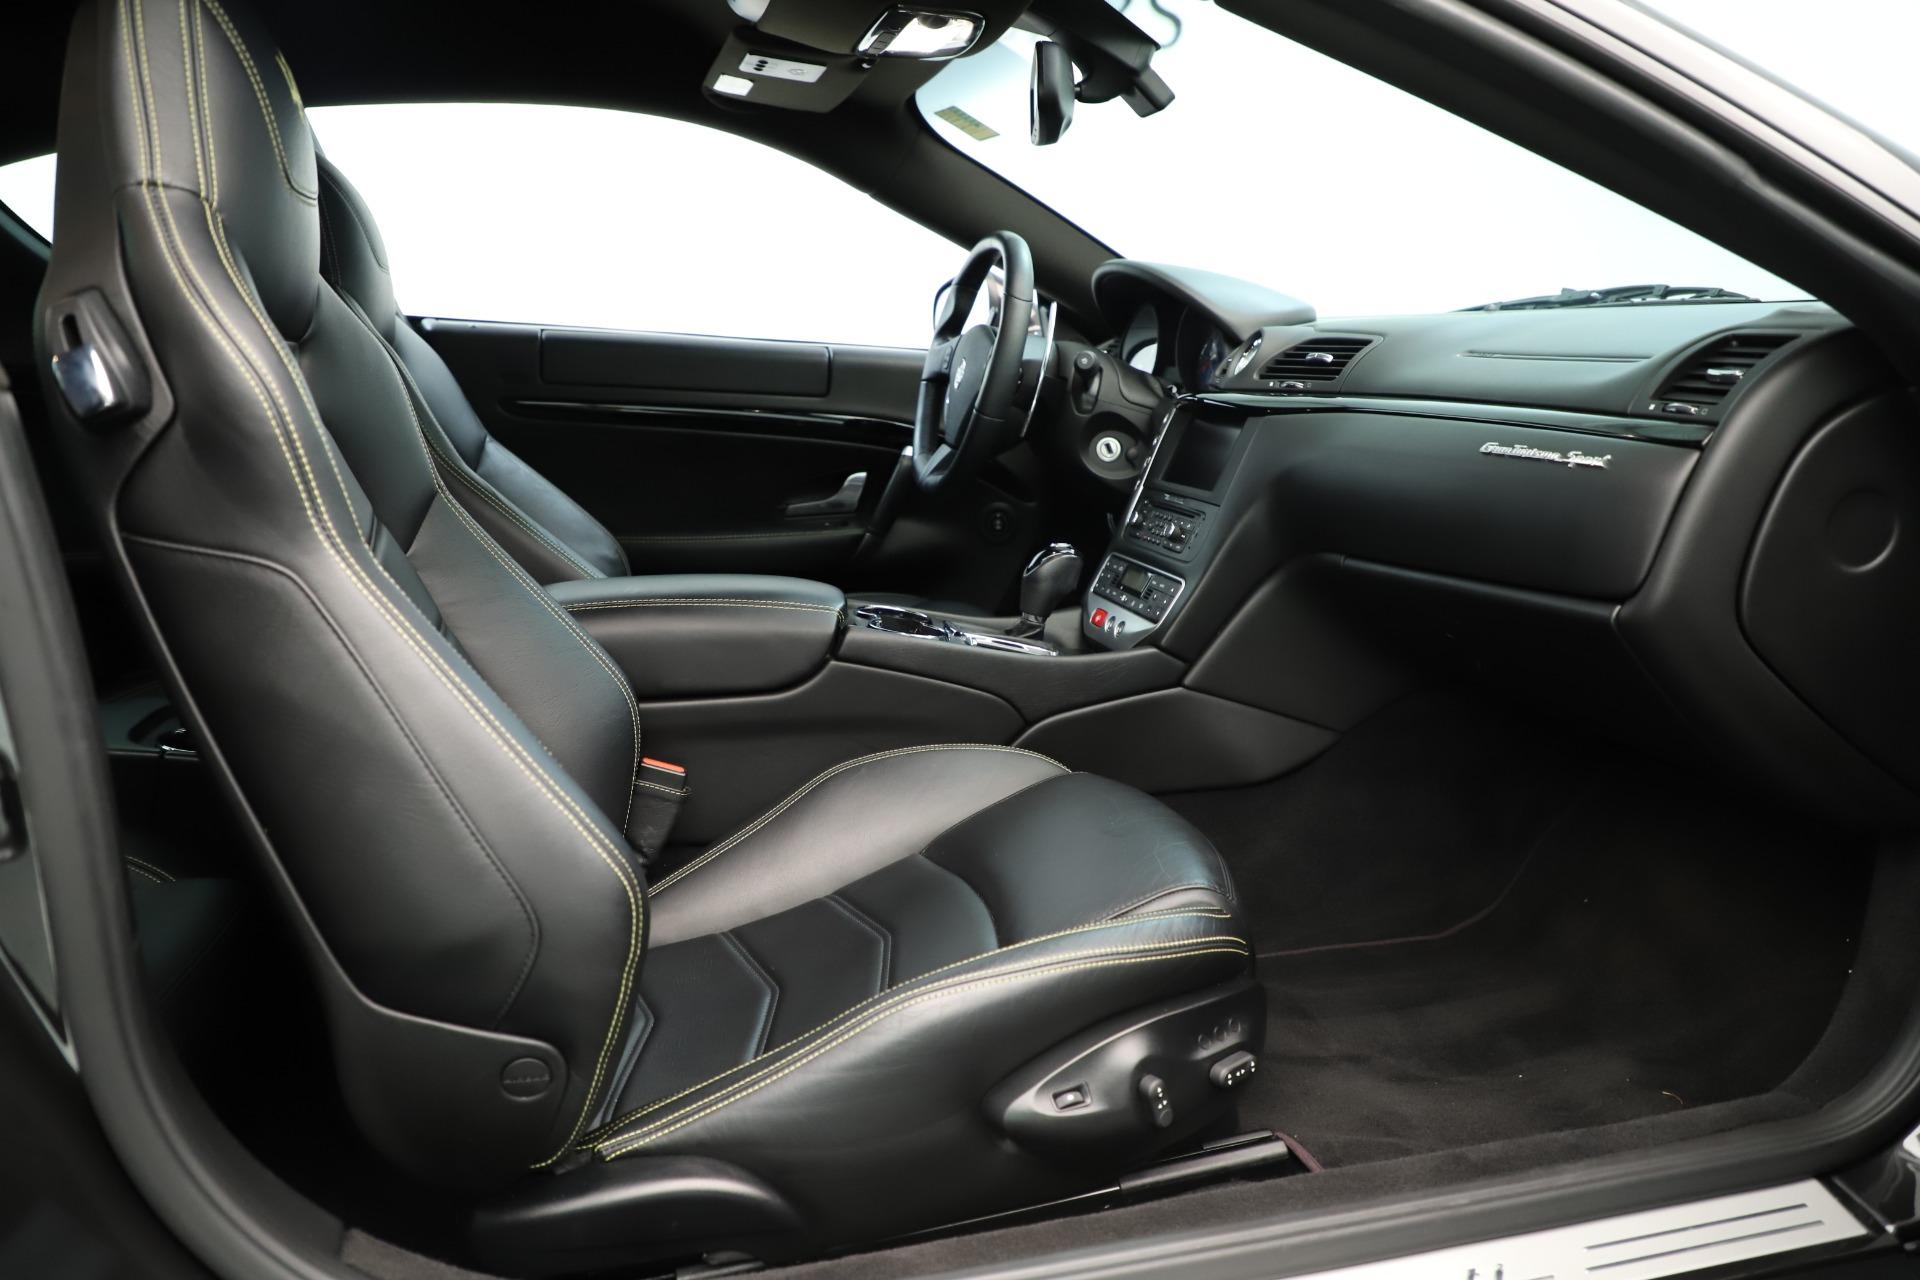 Used 2013 Maserati GranTurismo Sport For Sale In Greenwich, CT 3327_p20